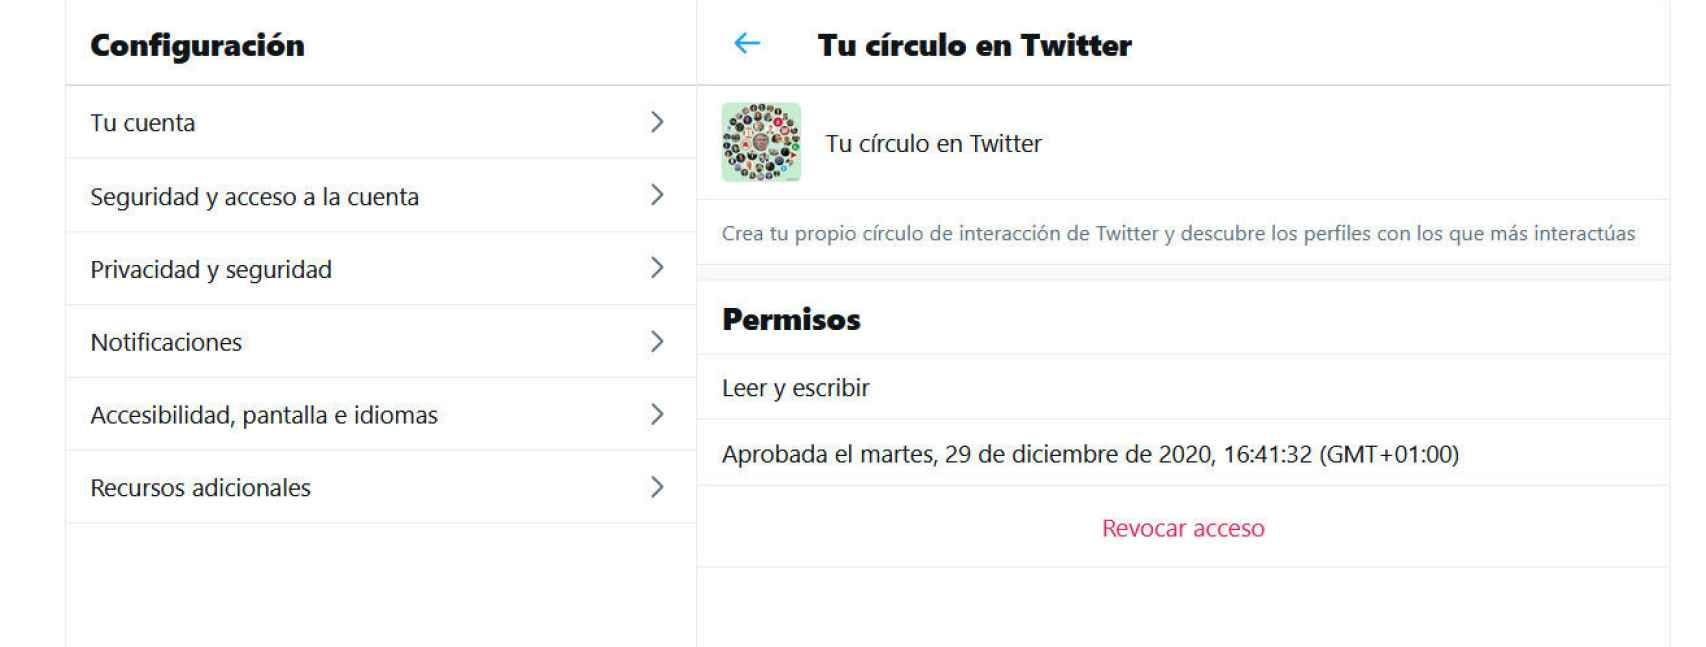 Opción para revocar el acceso a la app Círculo de amigos de Twitter